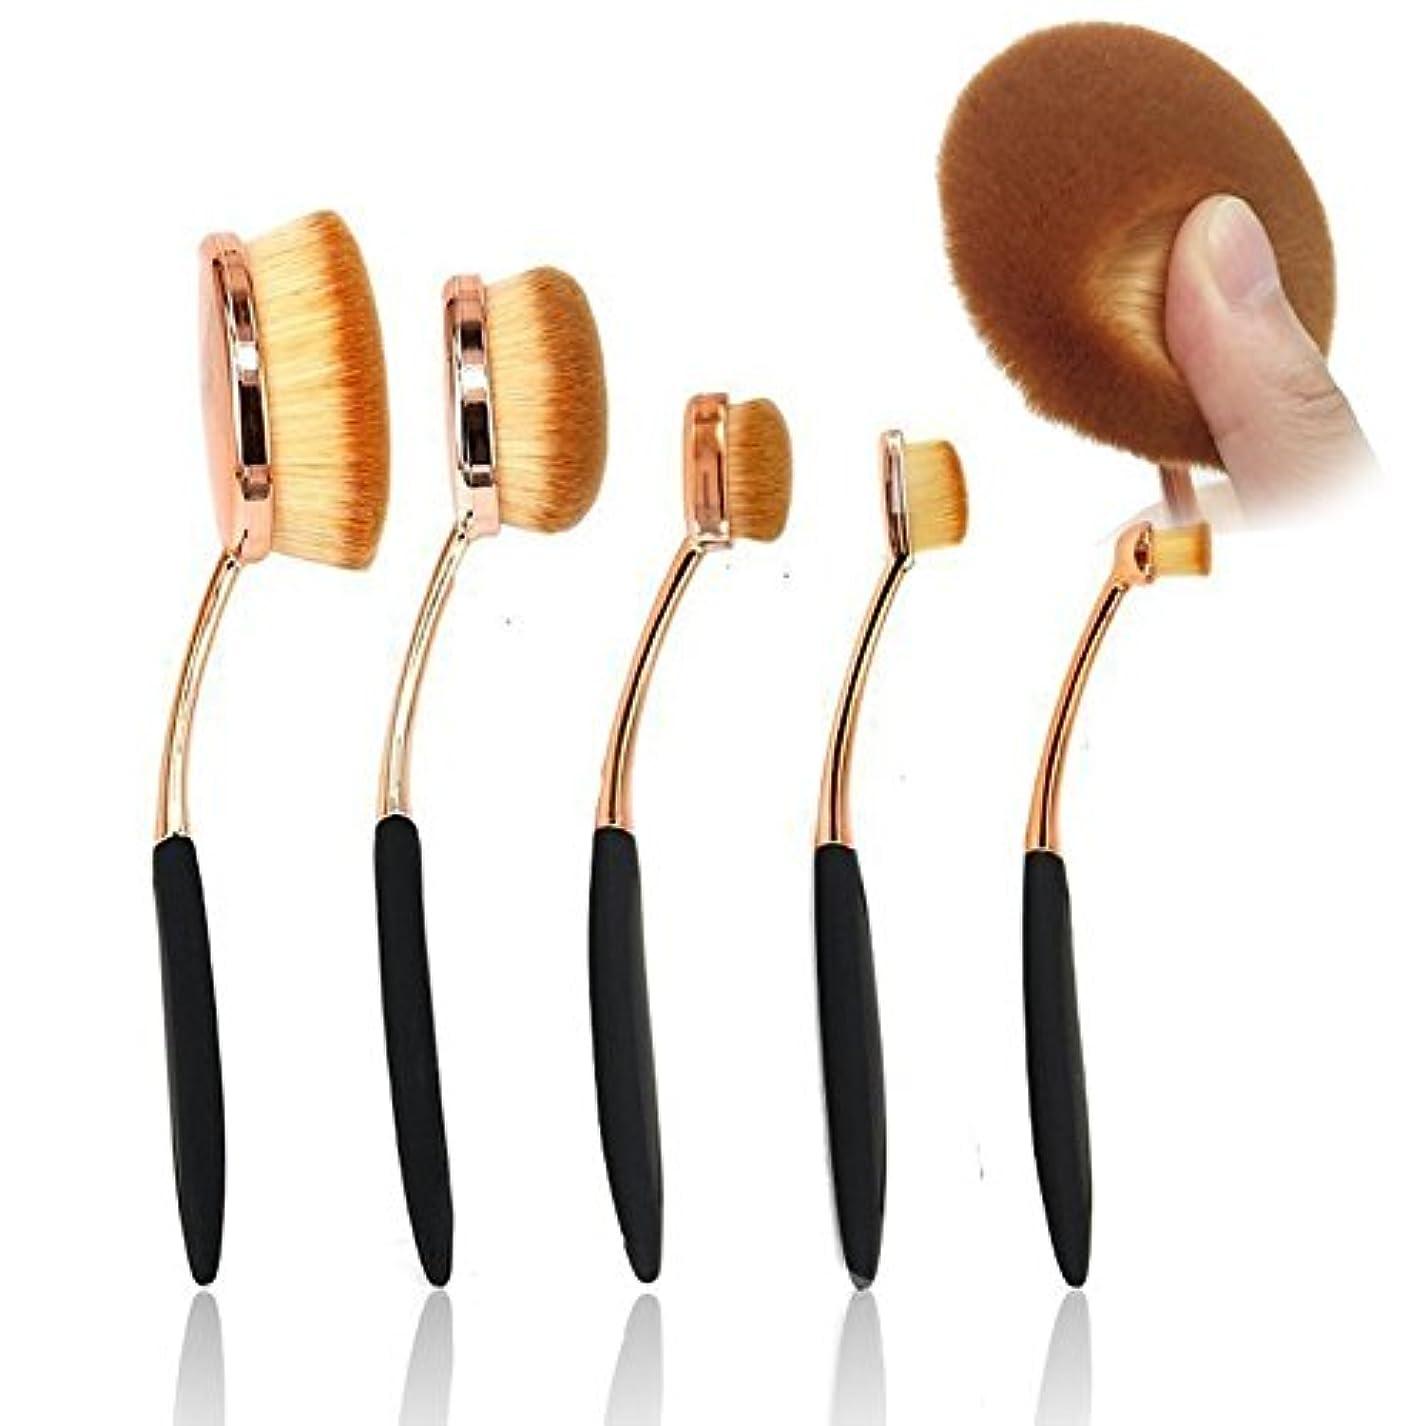 墓地スポンジ選択するUniSign メイクブラシ クリーナー 化粧ブラシ 天然毛 フェイスブラシ携帯用 化粧ブラシ 歯磨き型 5本セット プレゼント